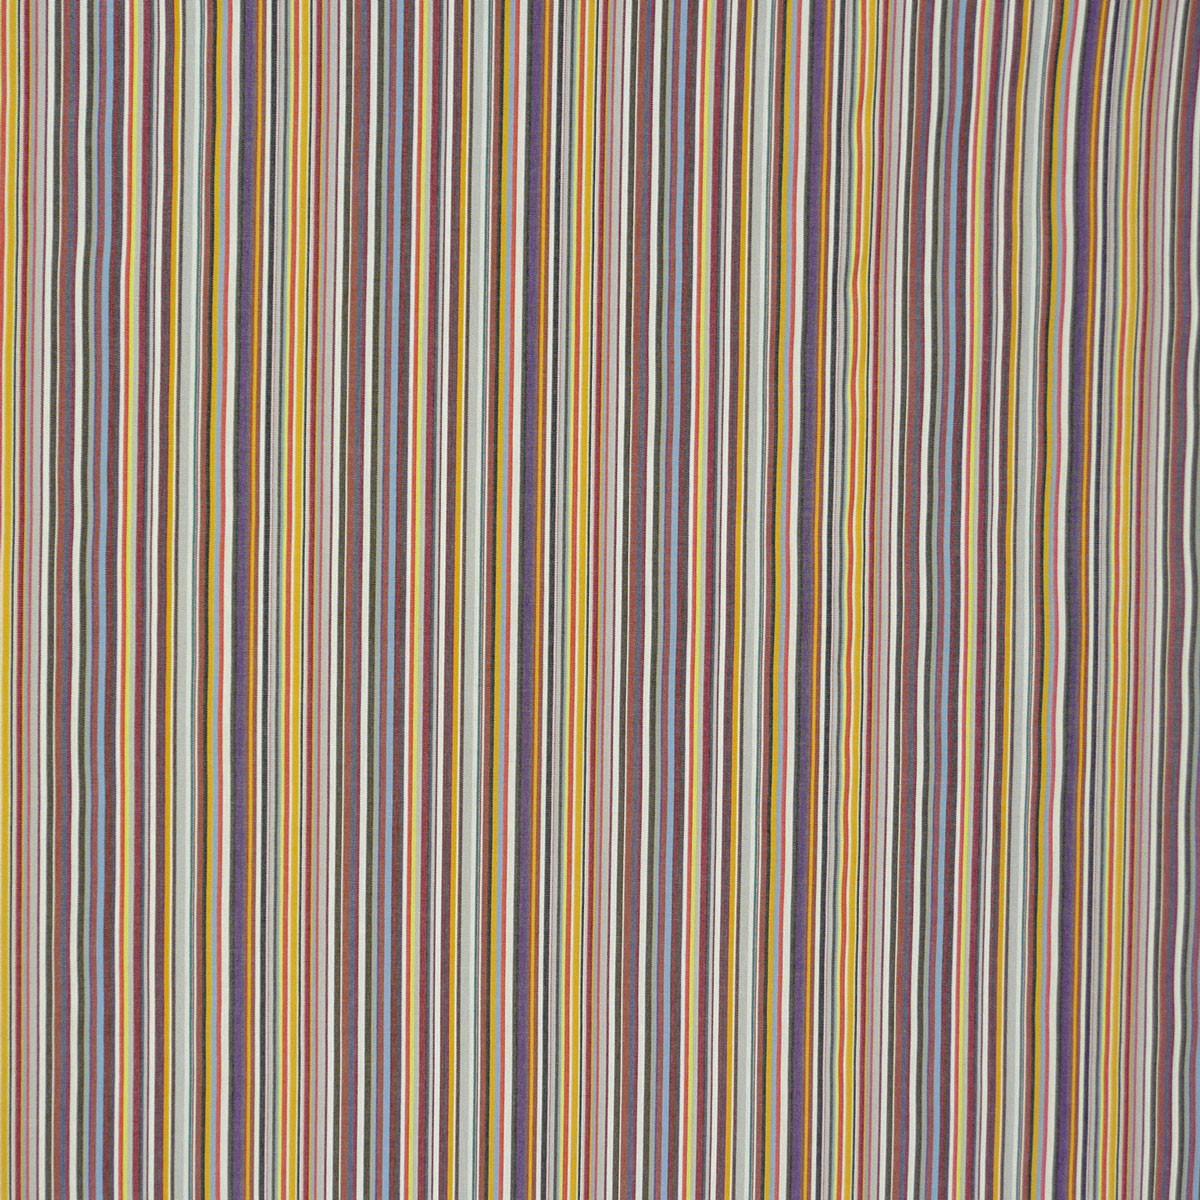 Beeindruckend Outdoorstoffe Sammlung Von Outdoorstoff Markisenstoff Gartenmöbelstoff Toldo Streifen Kräftige Farben